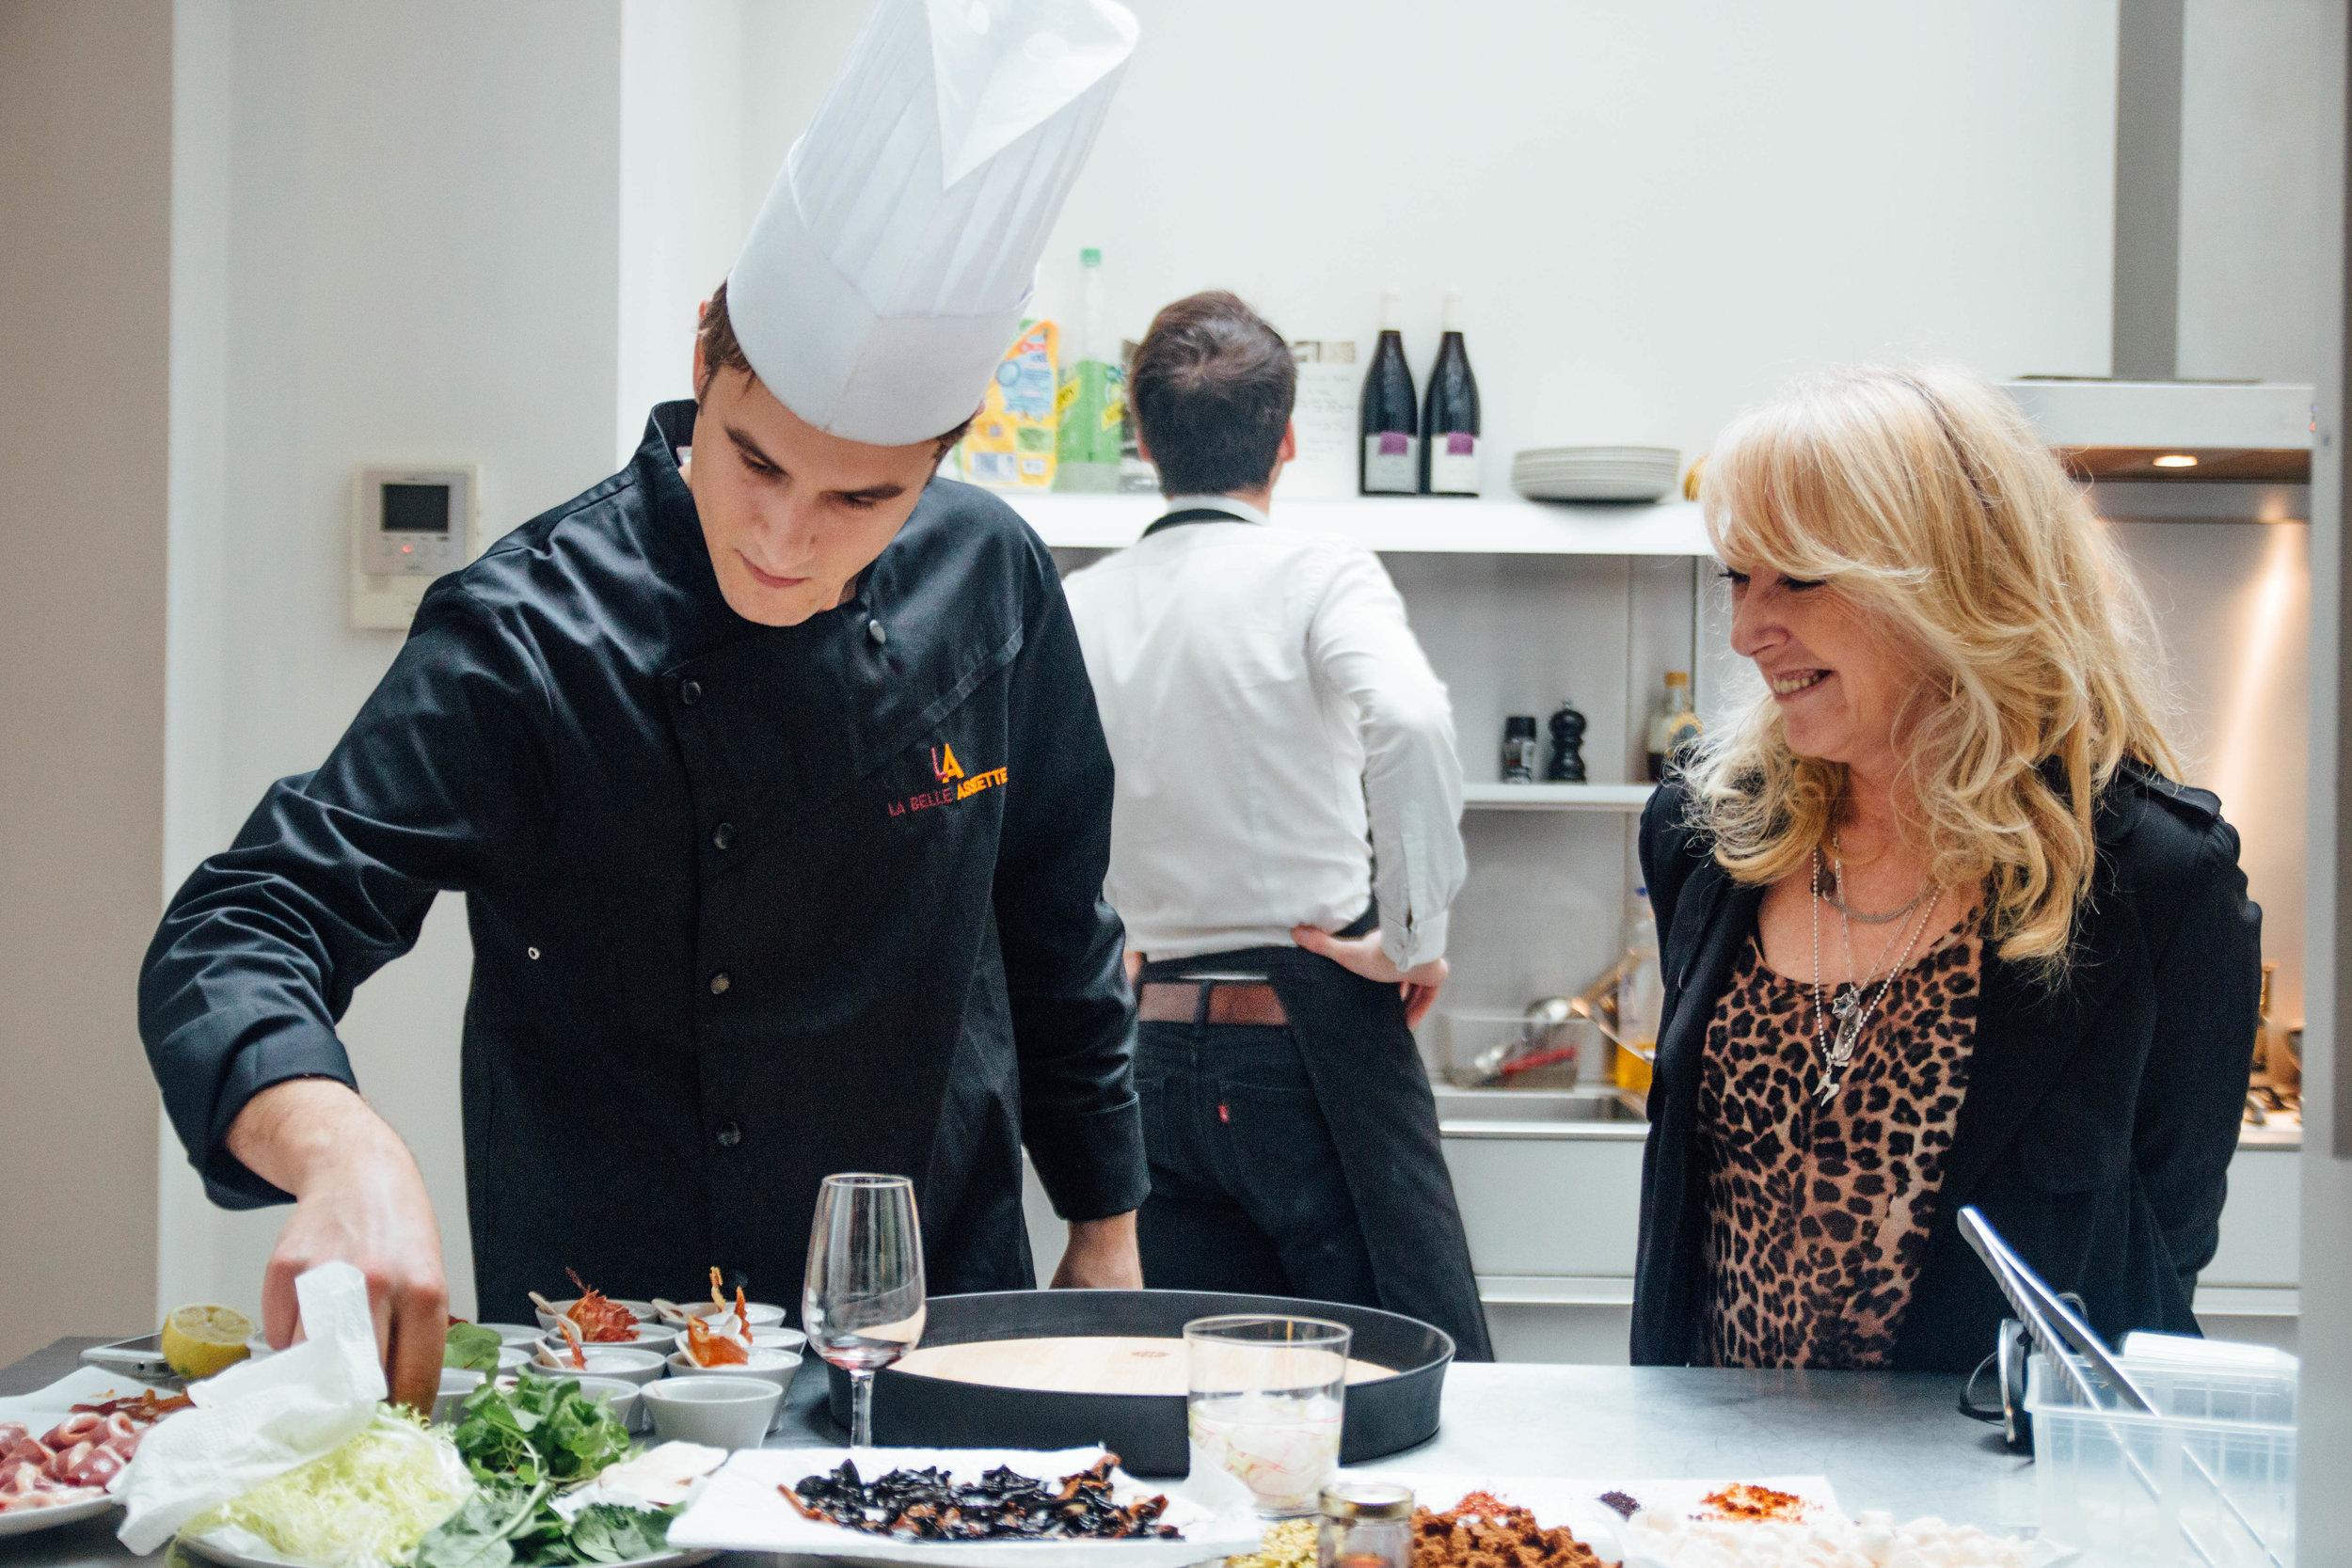 La Belle Assiette - Private Chef - cooking -1 (1).jpg